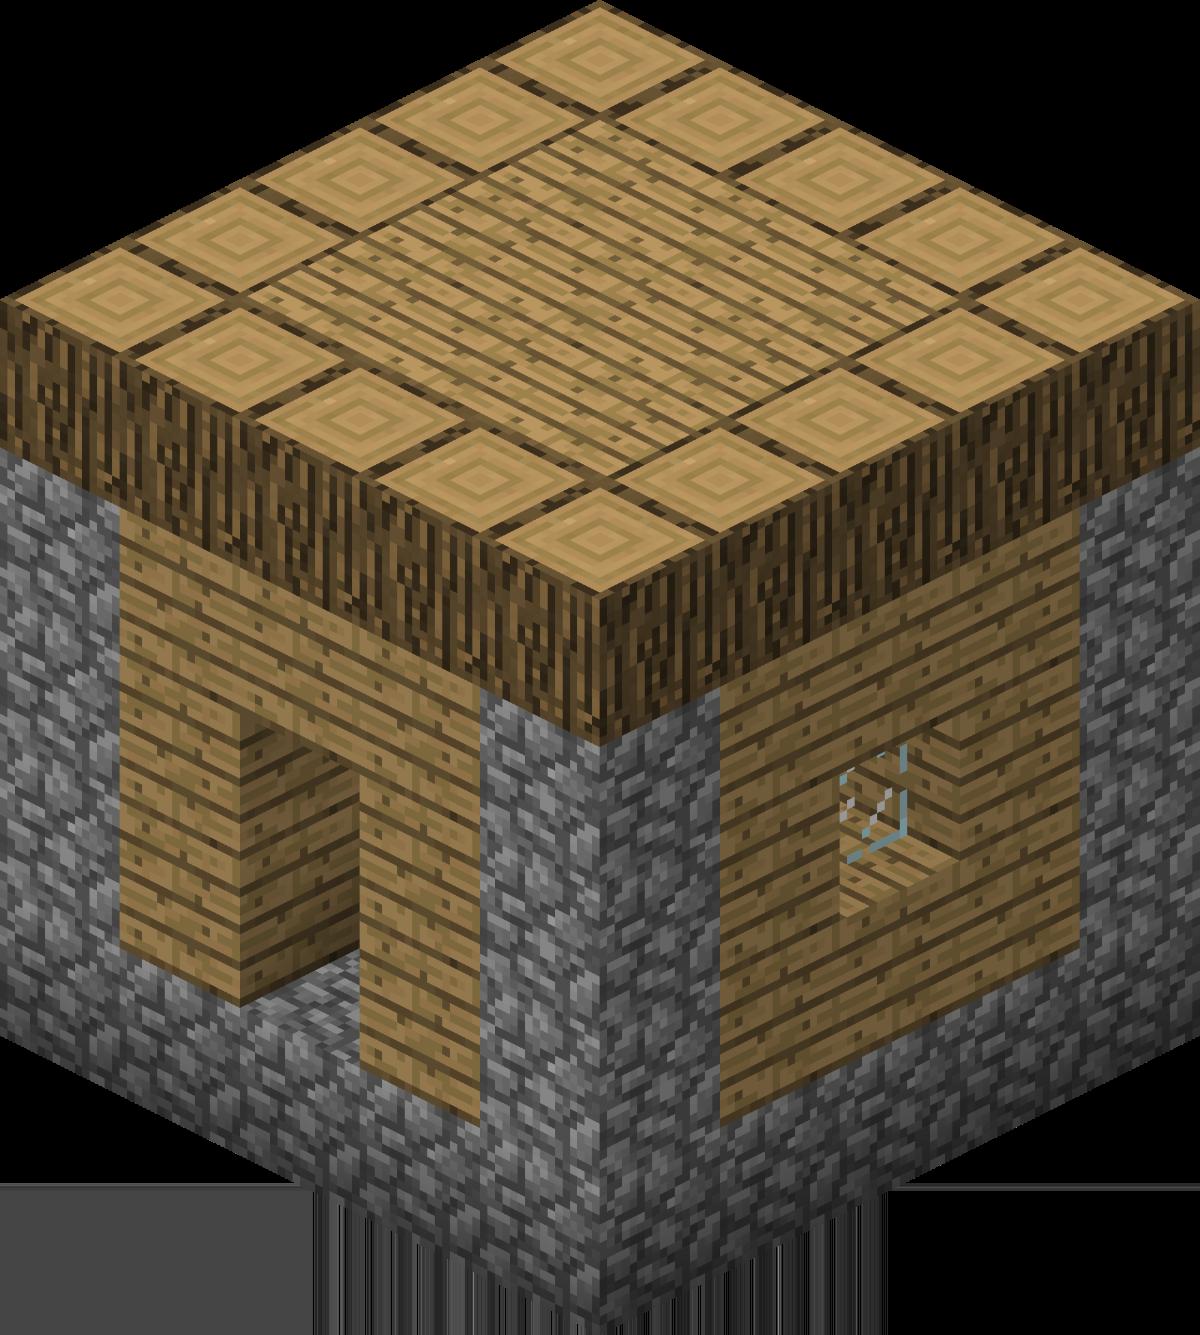 minecraft xbox villagers